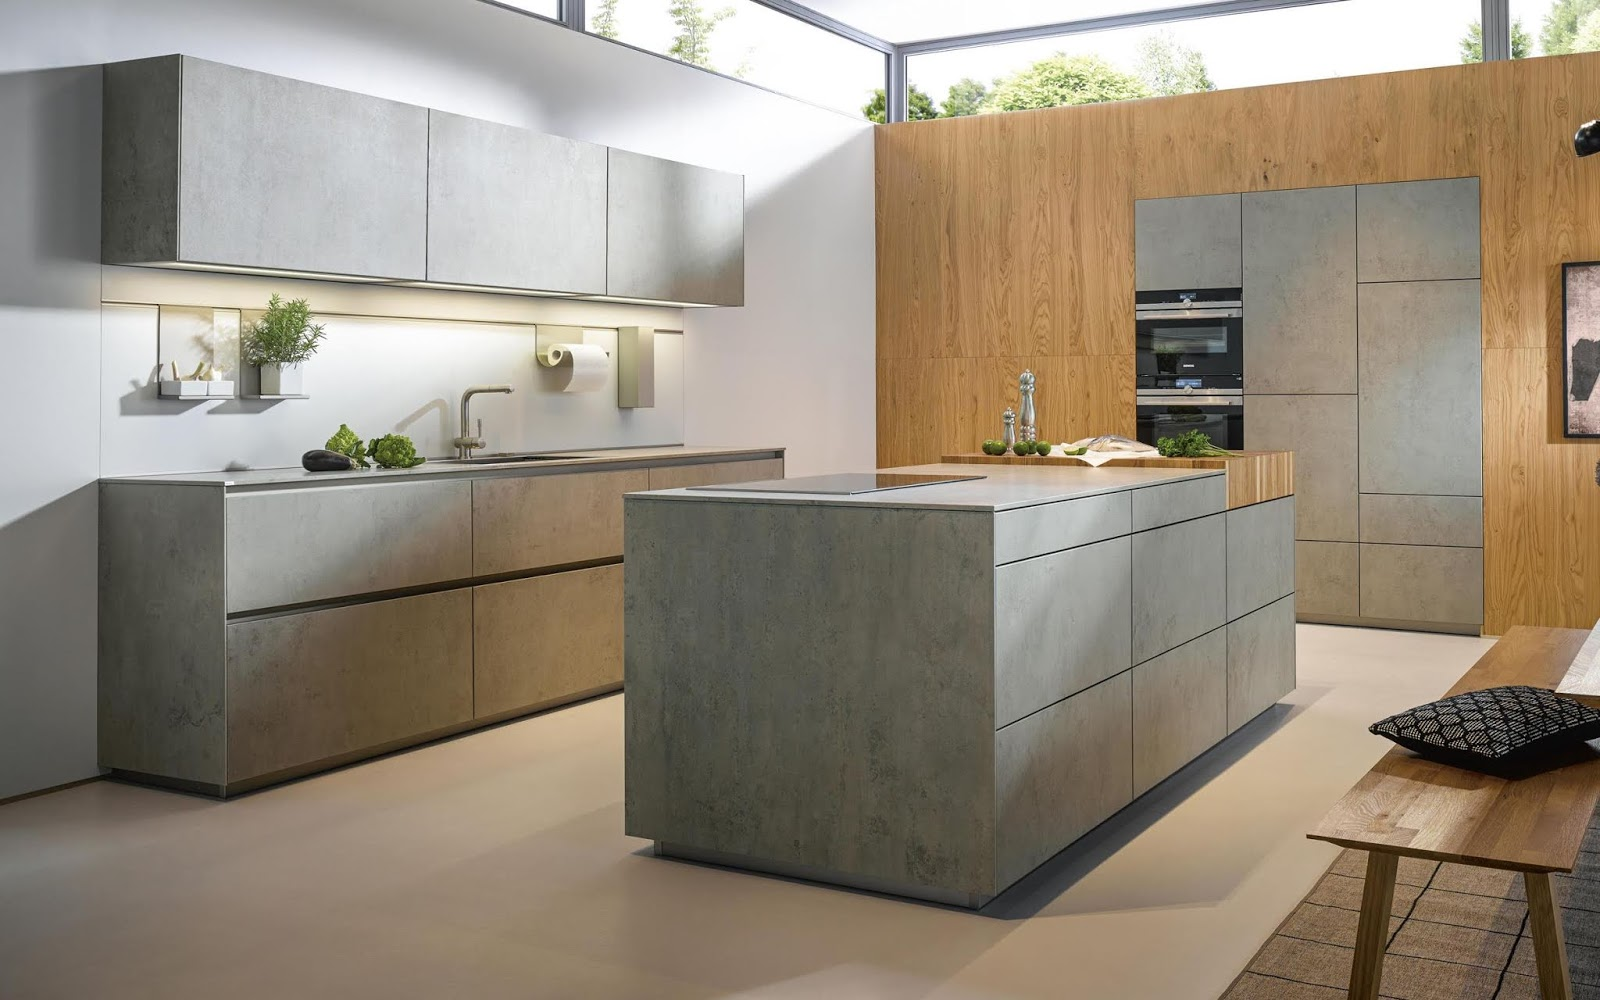 Diseño muebles de cocina: Diseño de cocina laminado en gris mate